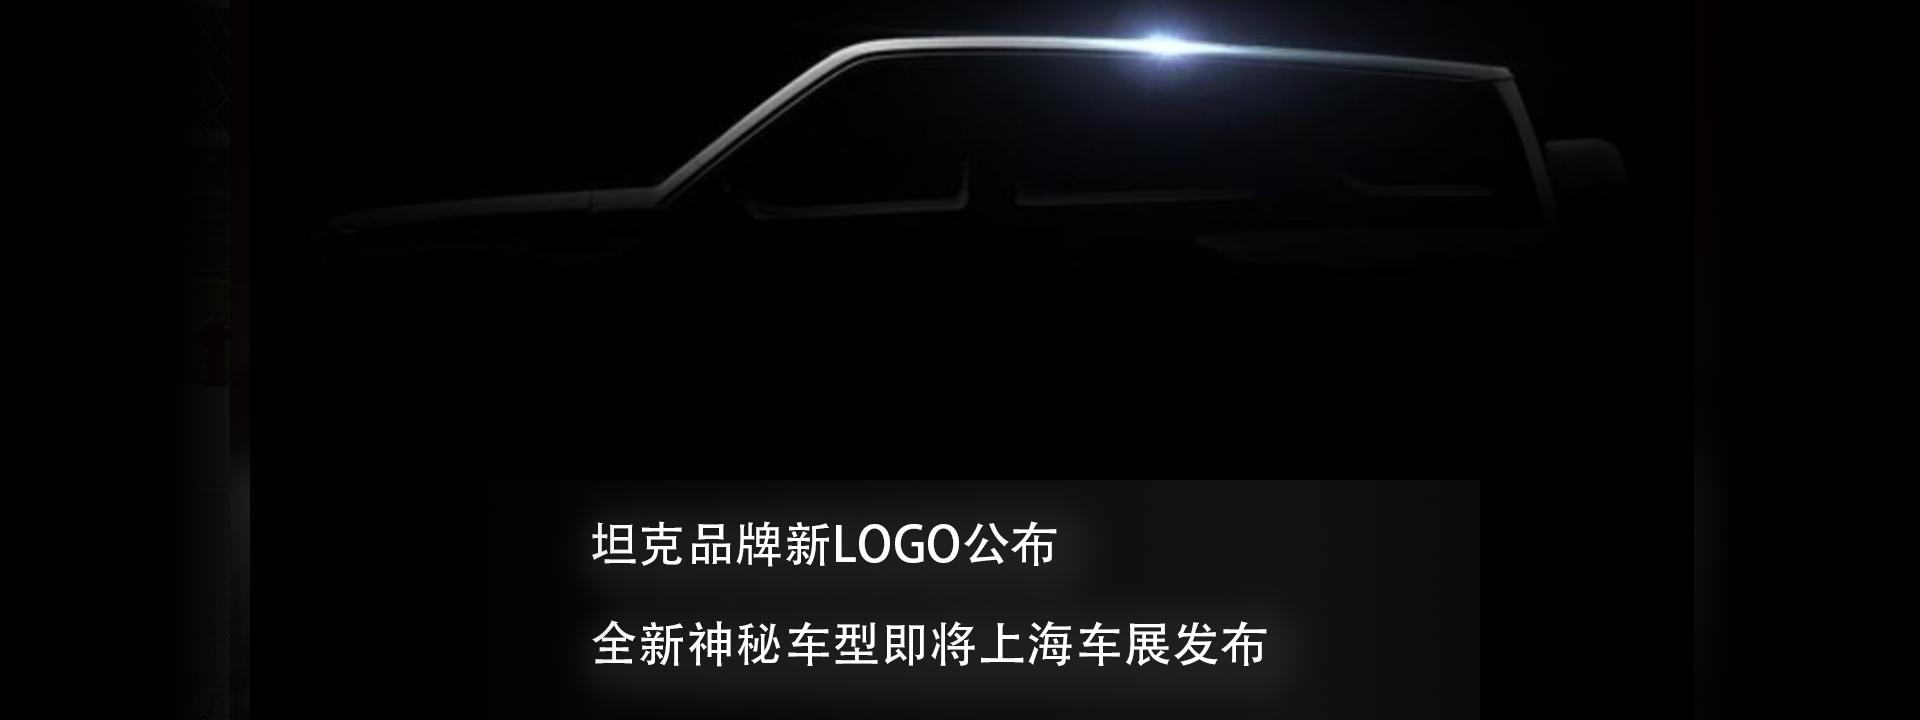 坦克品牌新LOGO公布 全新神秘车型即将上海车展发布